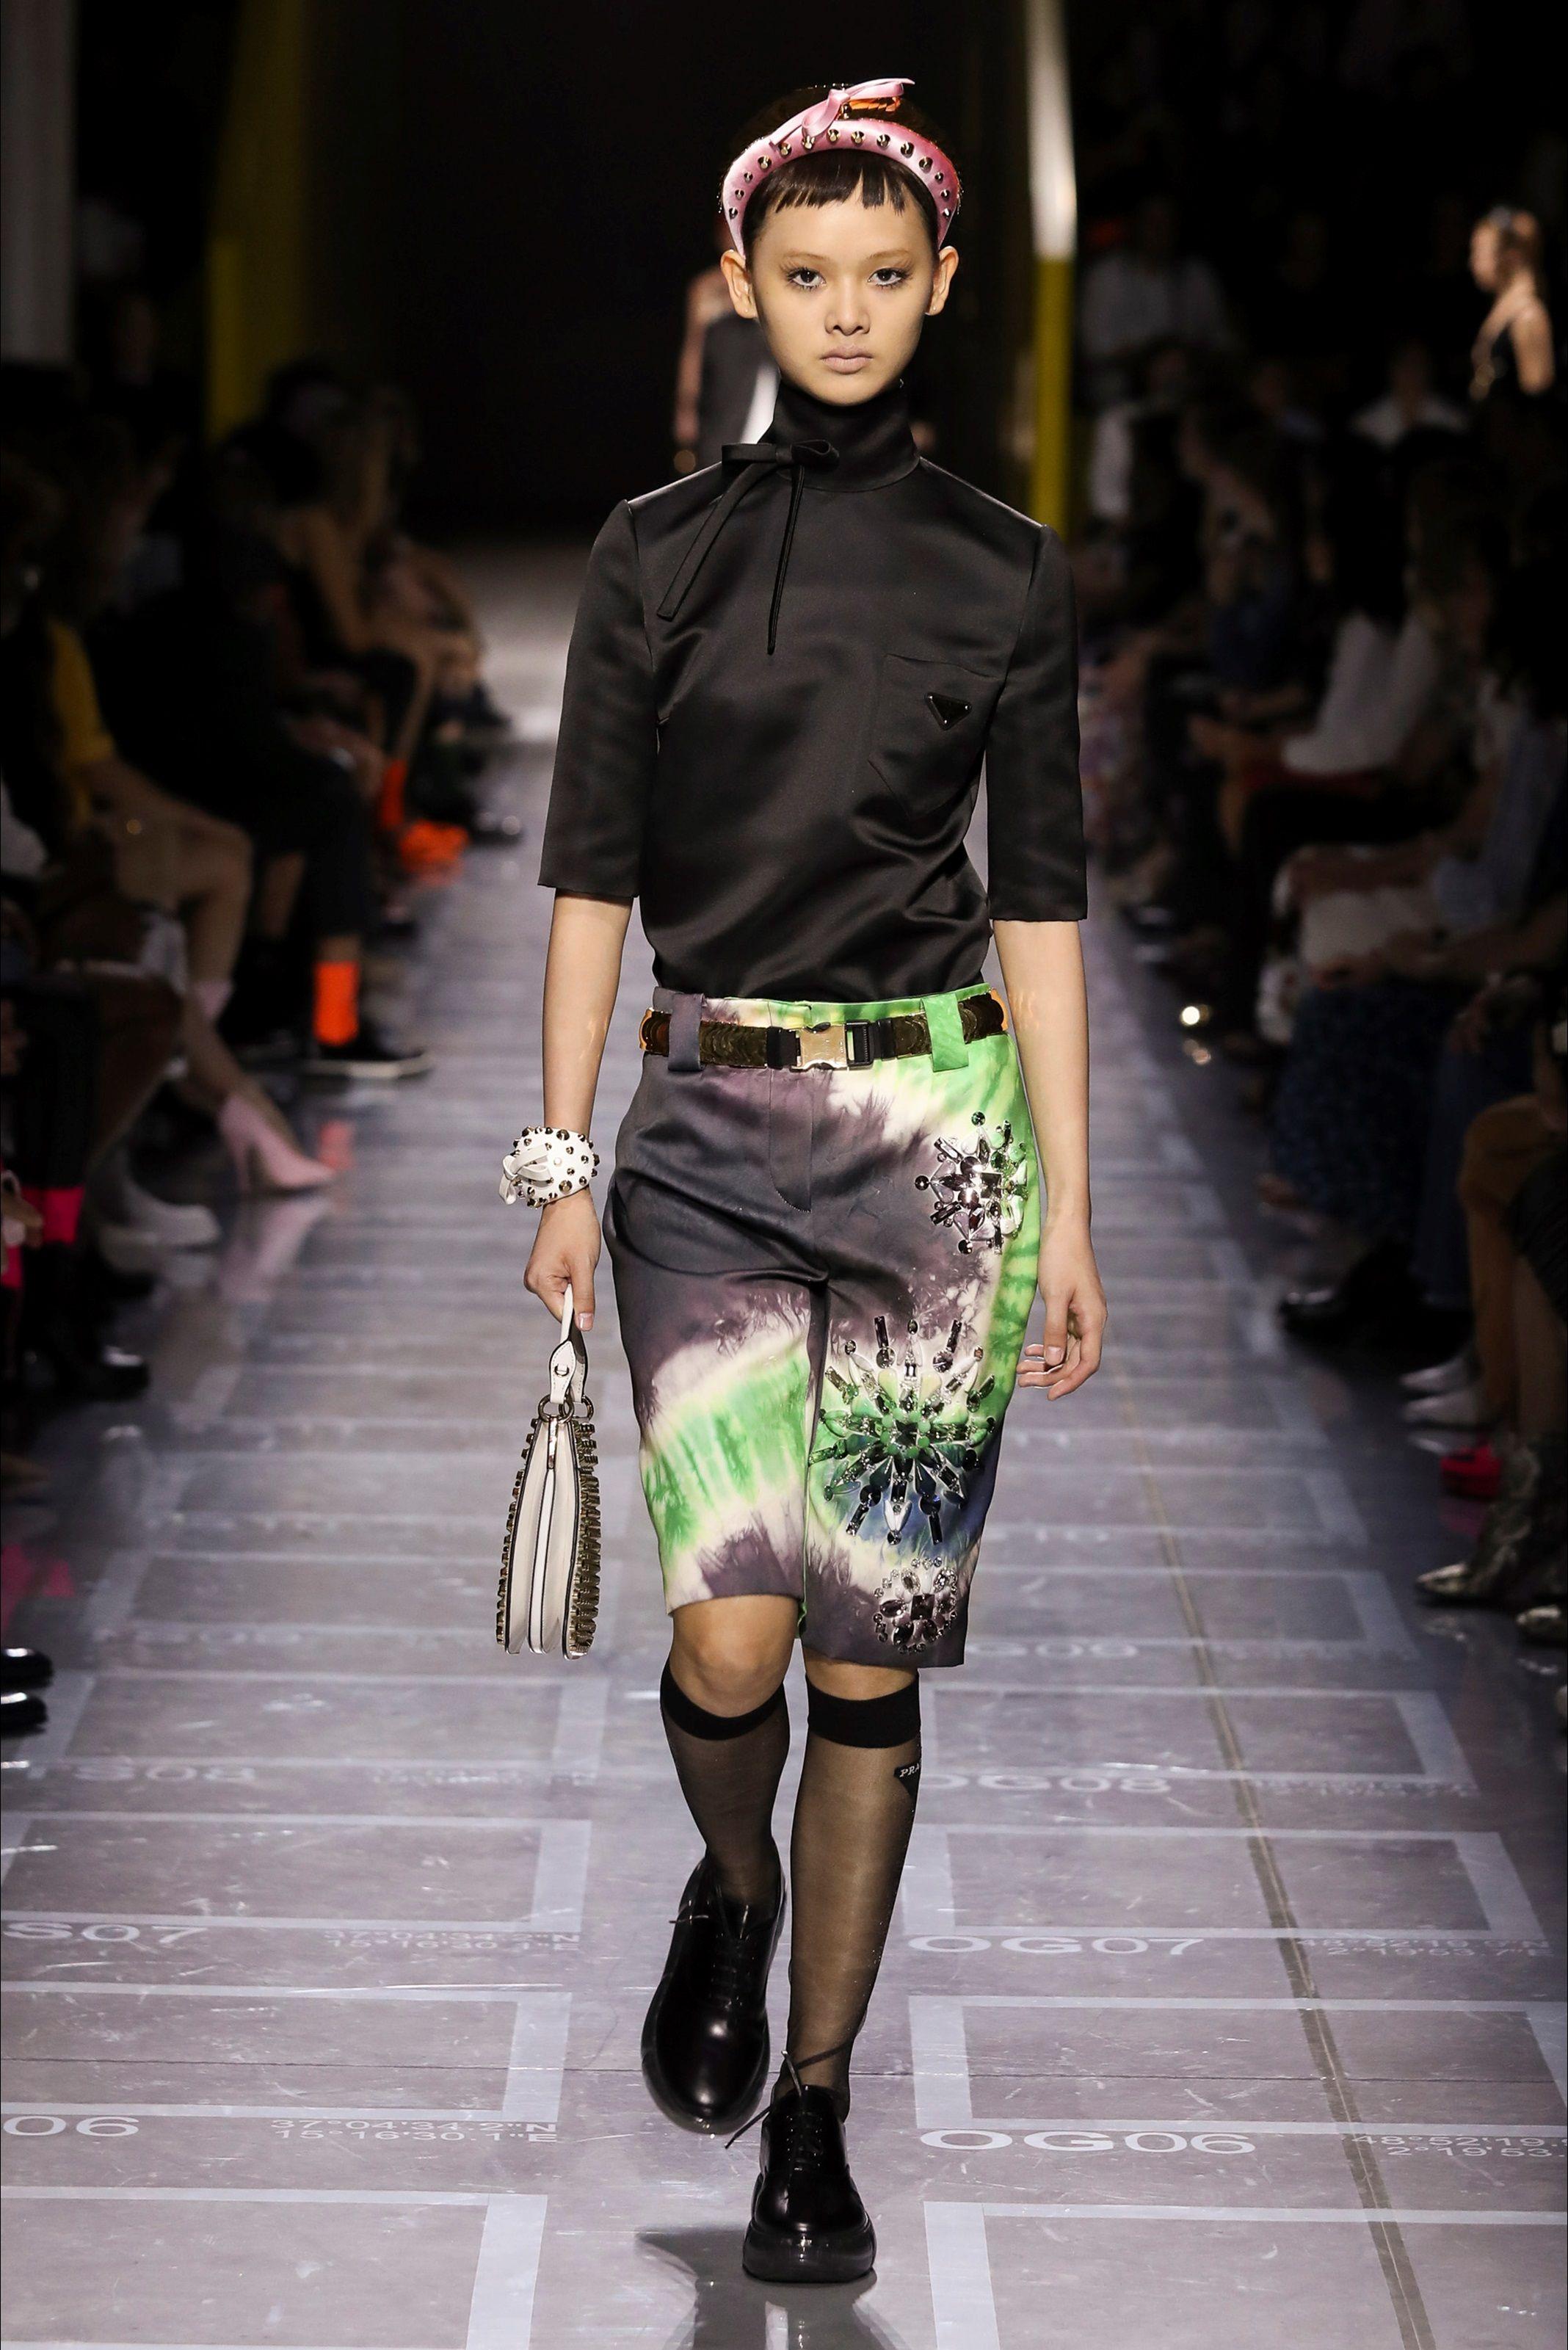 91b37dcf723 Sfilata Prada Milano - Collezioni Primavera Estate 2019 - Vogue ...